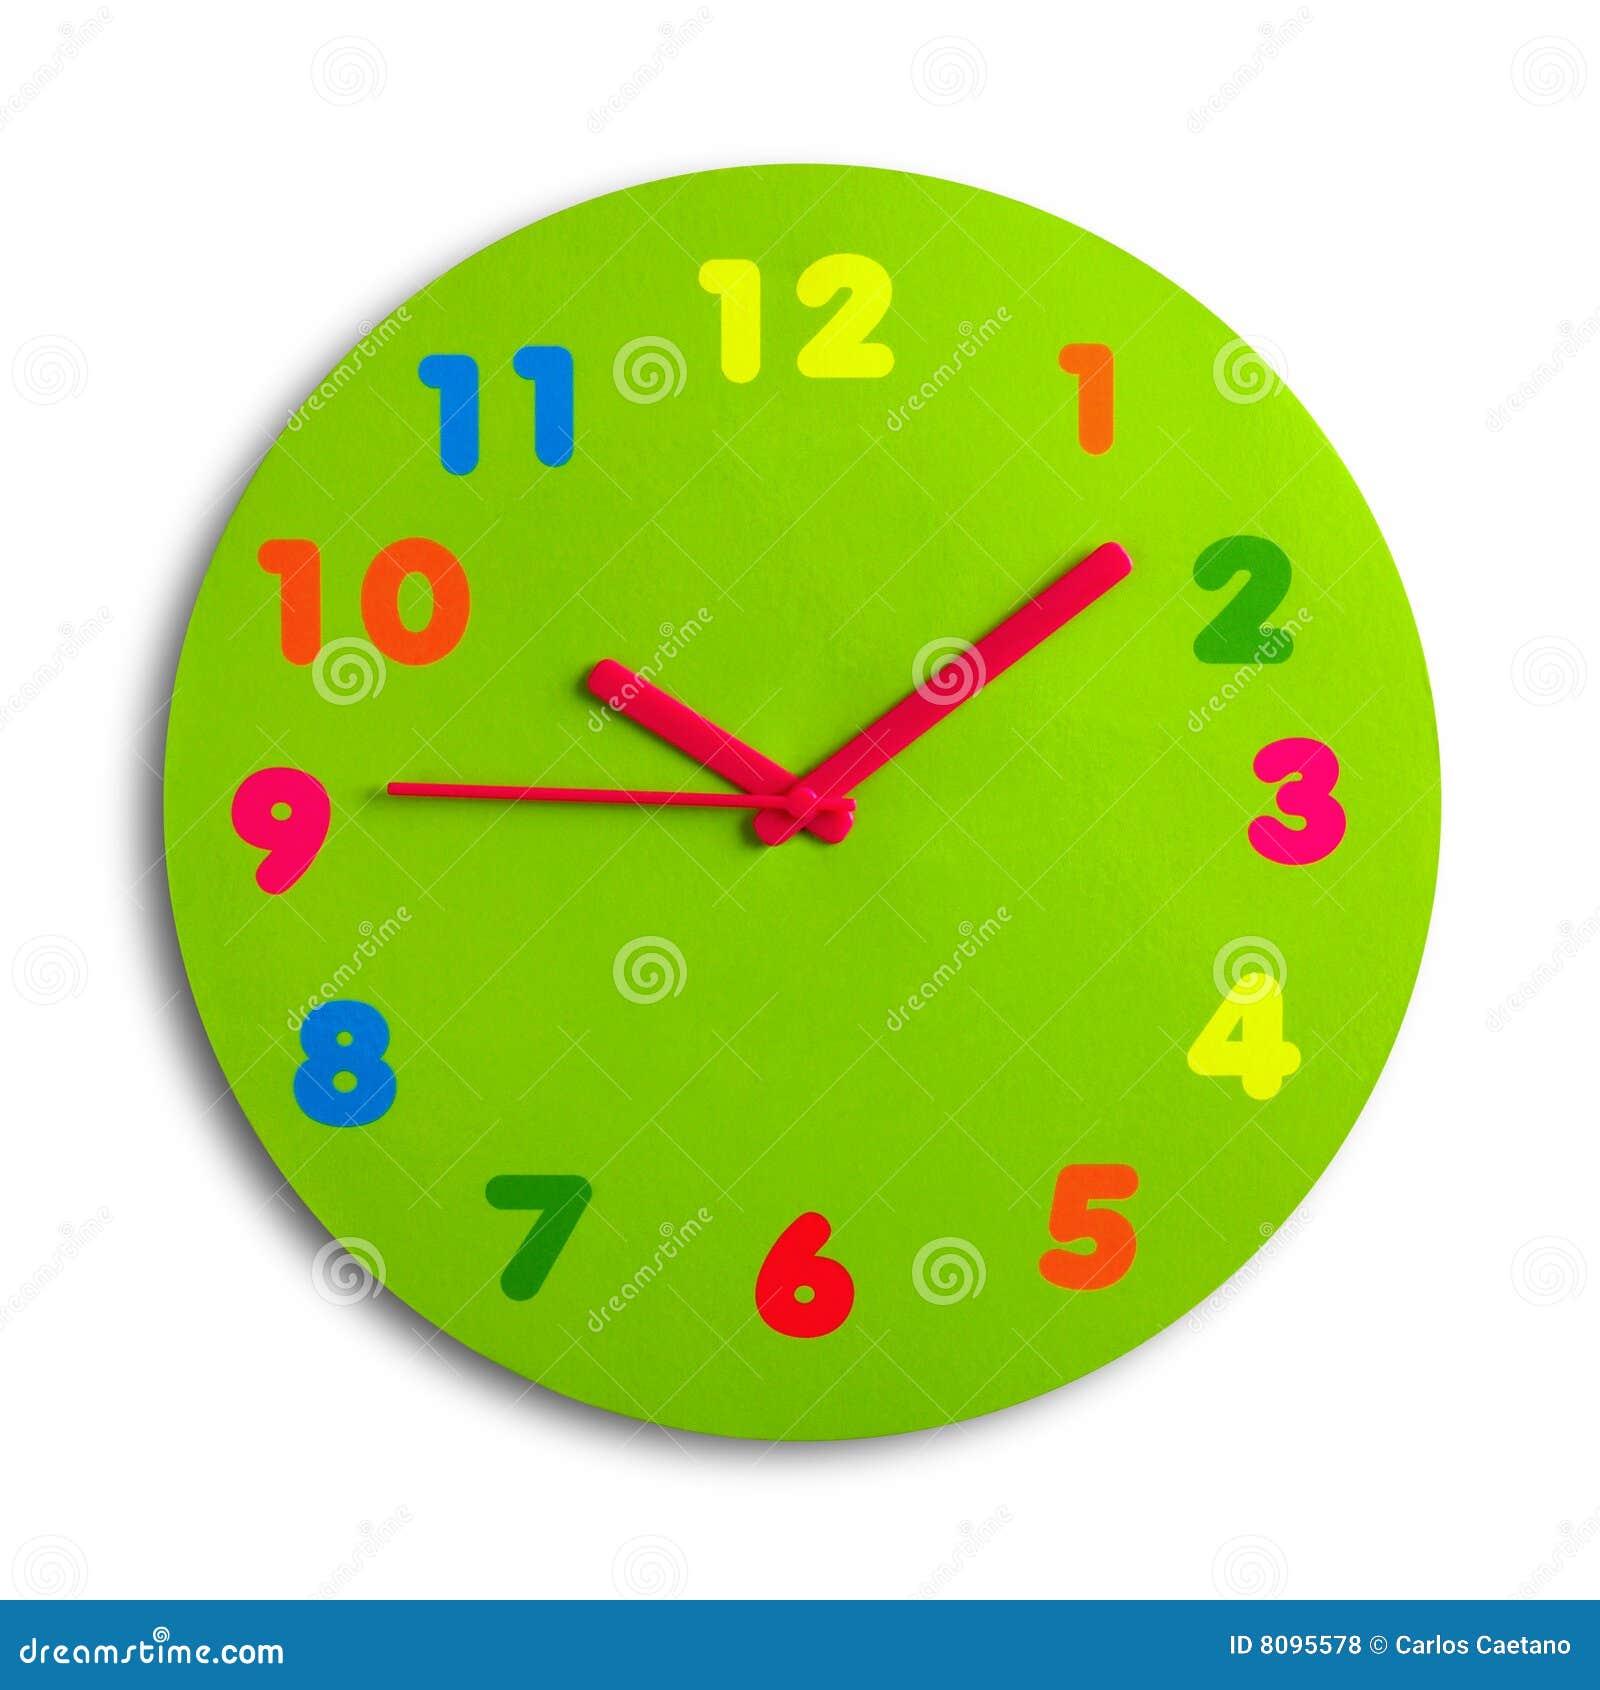 Circle time app